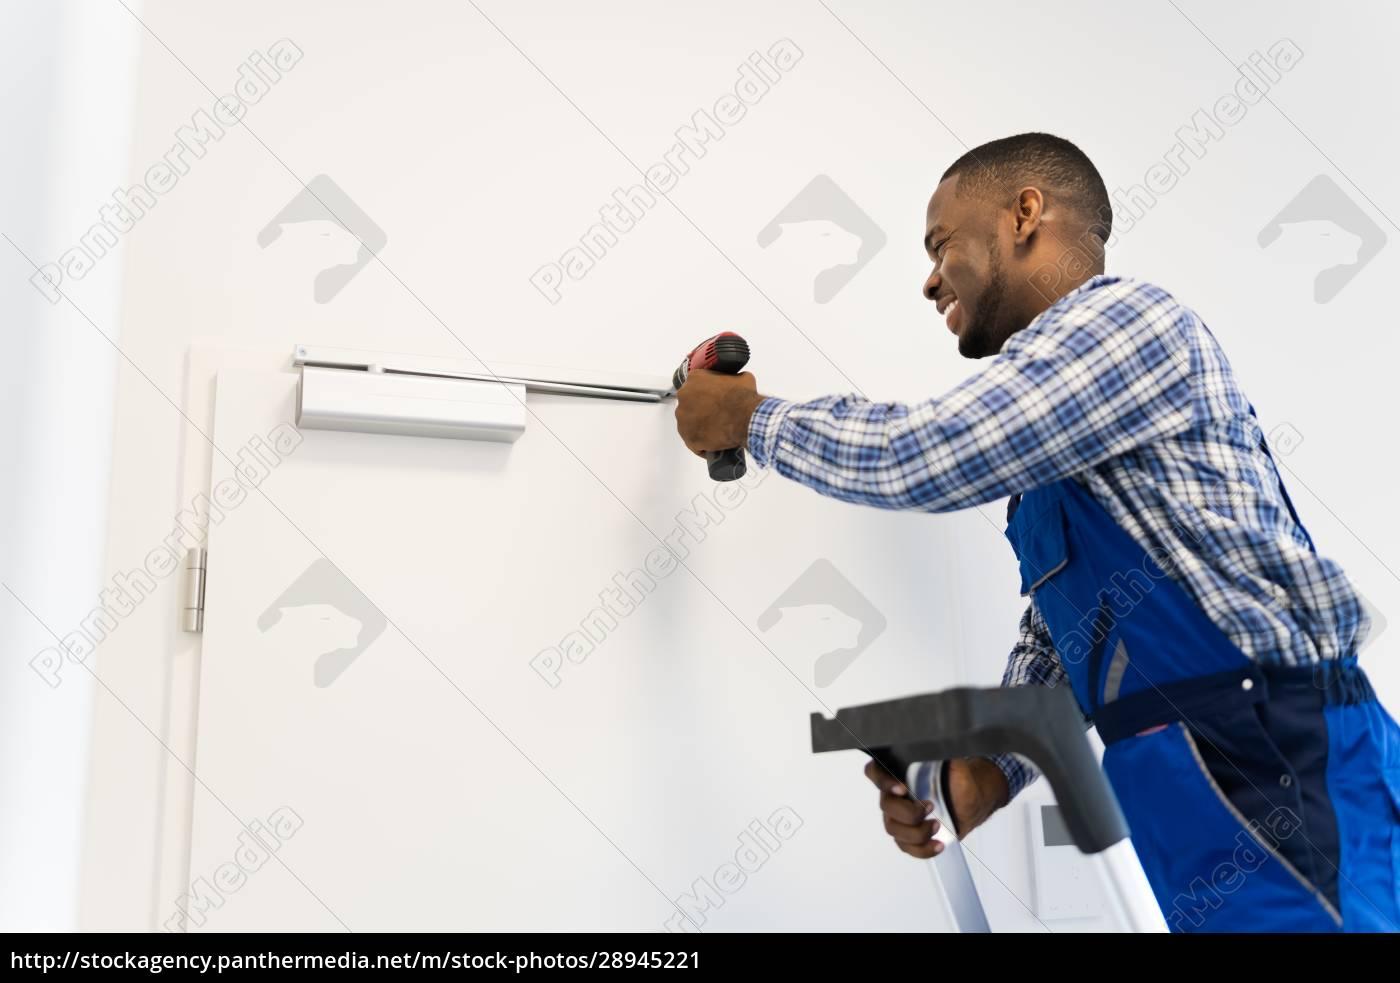 african, man, installing, and, fixing, door - 28945221